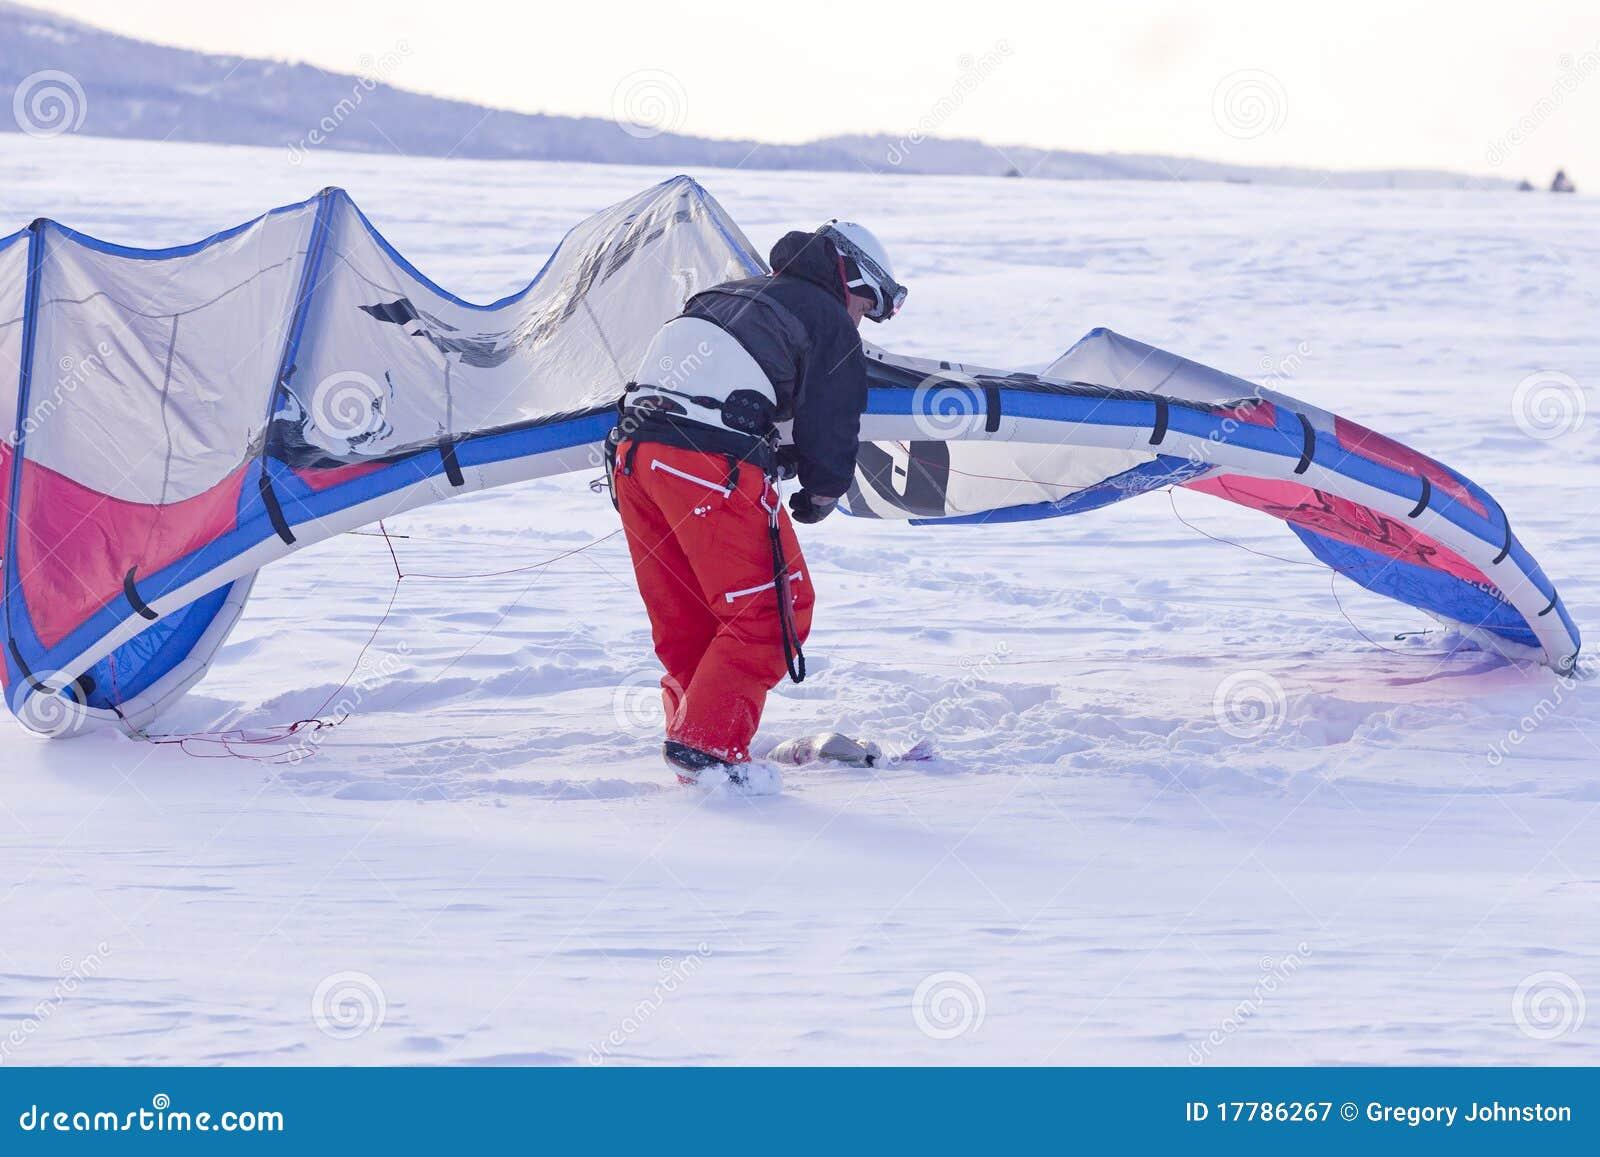 Réglage du cerf-volant de neige.